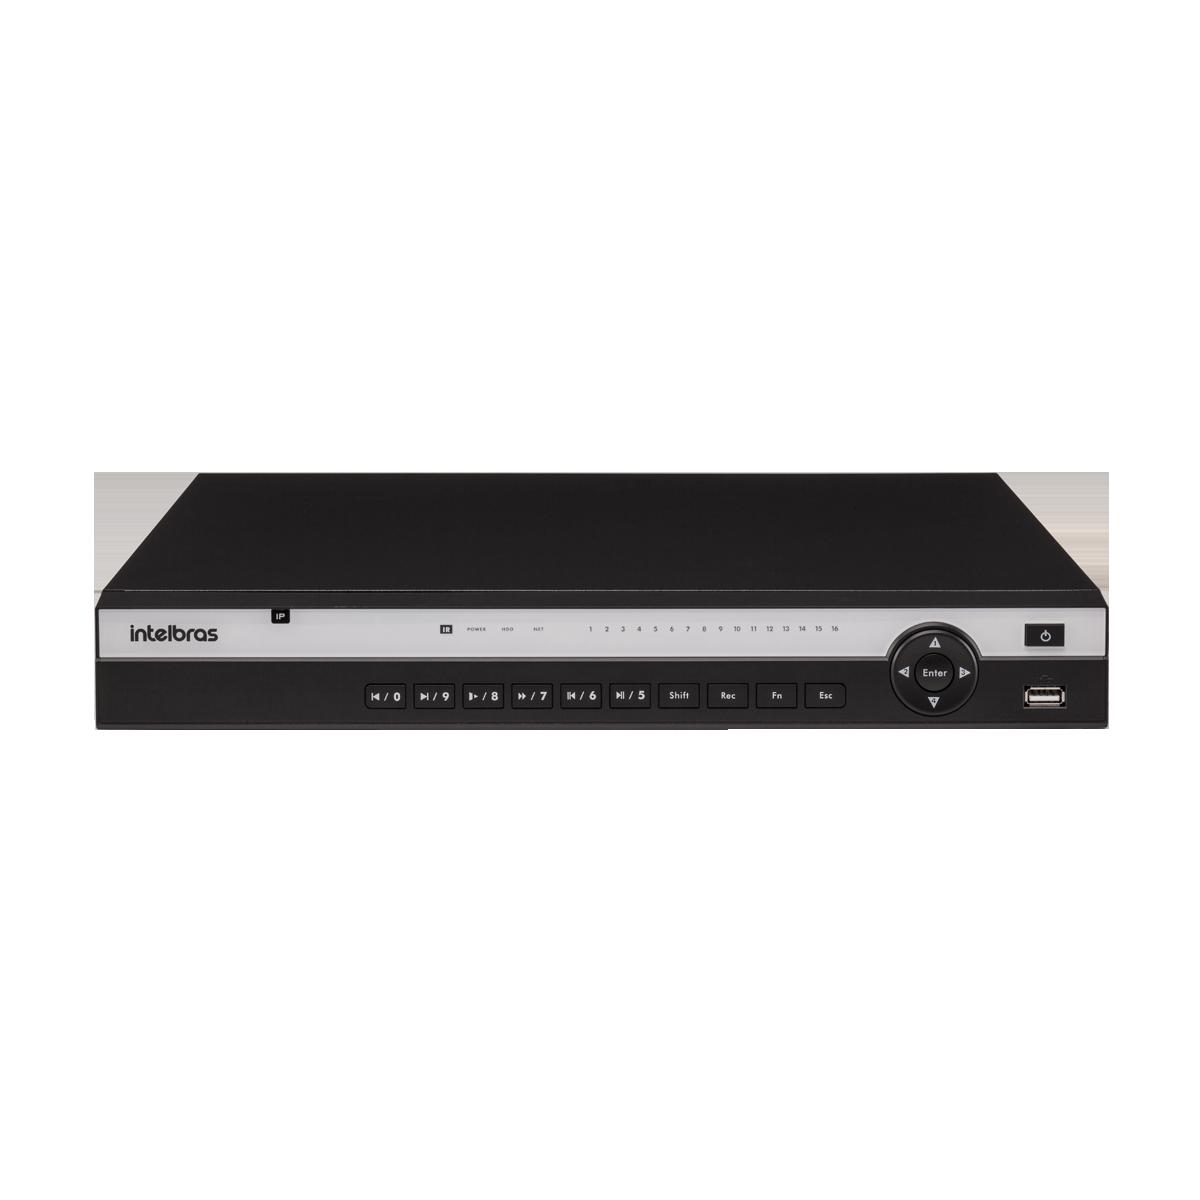 NVD 3116 P COM HD 2TB - GRAV. DIG. DE VÍDEO EM REDE PARA ATÉ 16 CANAIS IP EM FULL HD @ 30 FPS, COM 16 PORTAS POE, INTELIGÊNCIA DE VÍDEO EM TODOS OS CANAIS, H.265, SUPORTE PARA 2HDS E SUPORTA CÂMERAS C  - Sandercomp Virtual